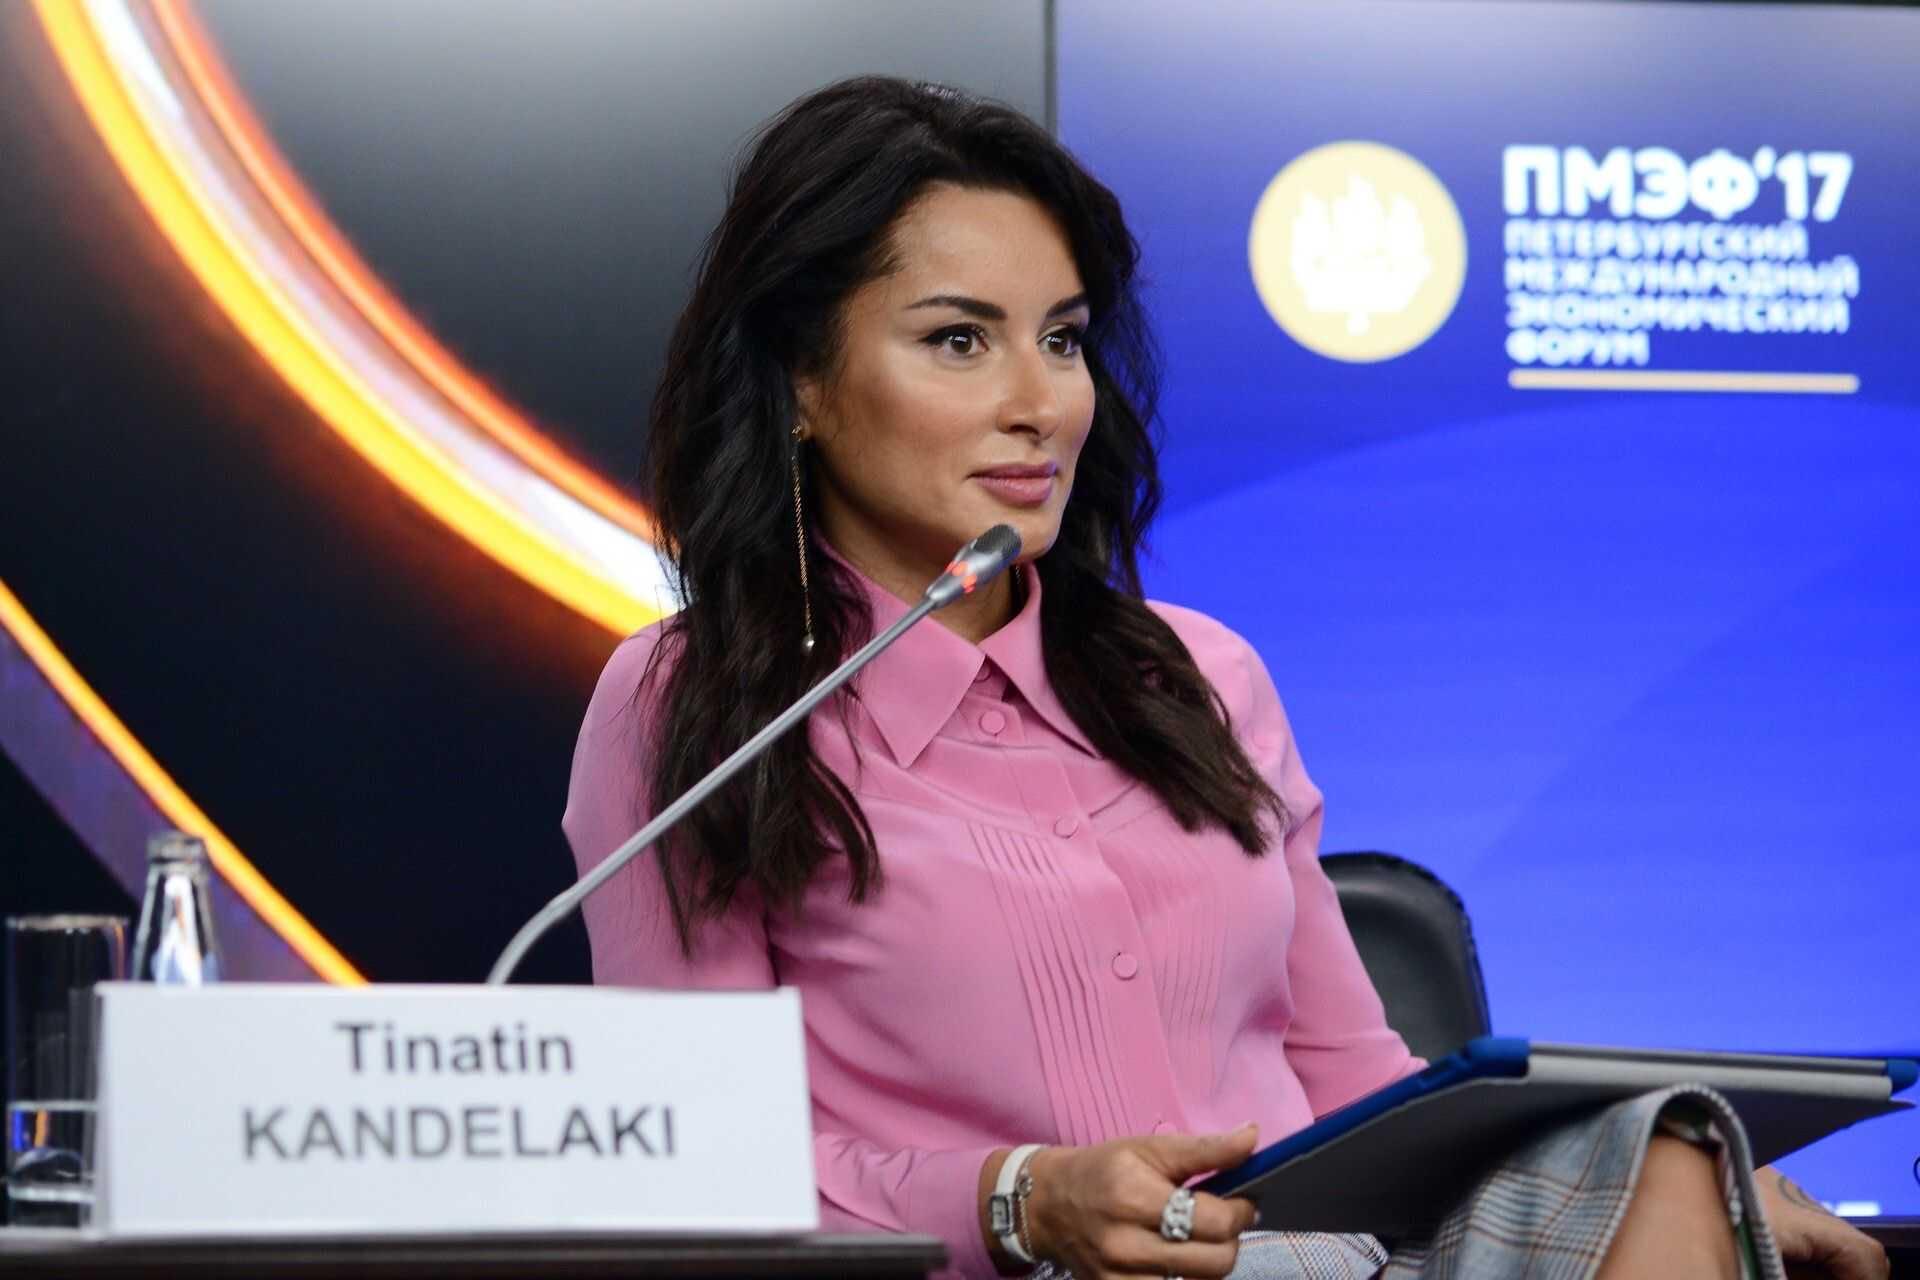 Тина Канделаки прокомментировала свой уход с поста генпродюсера Матч-ТВ